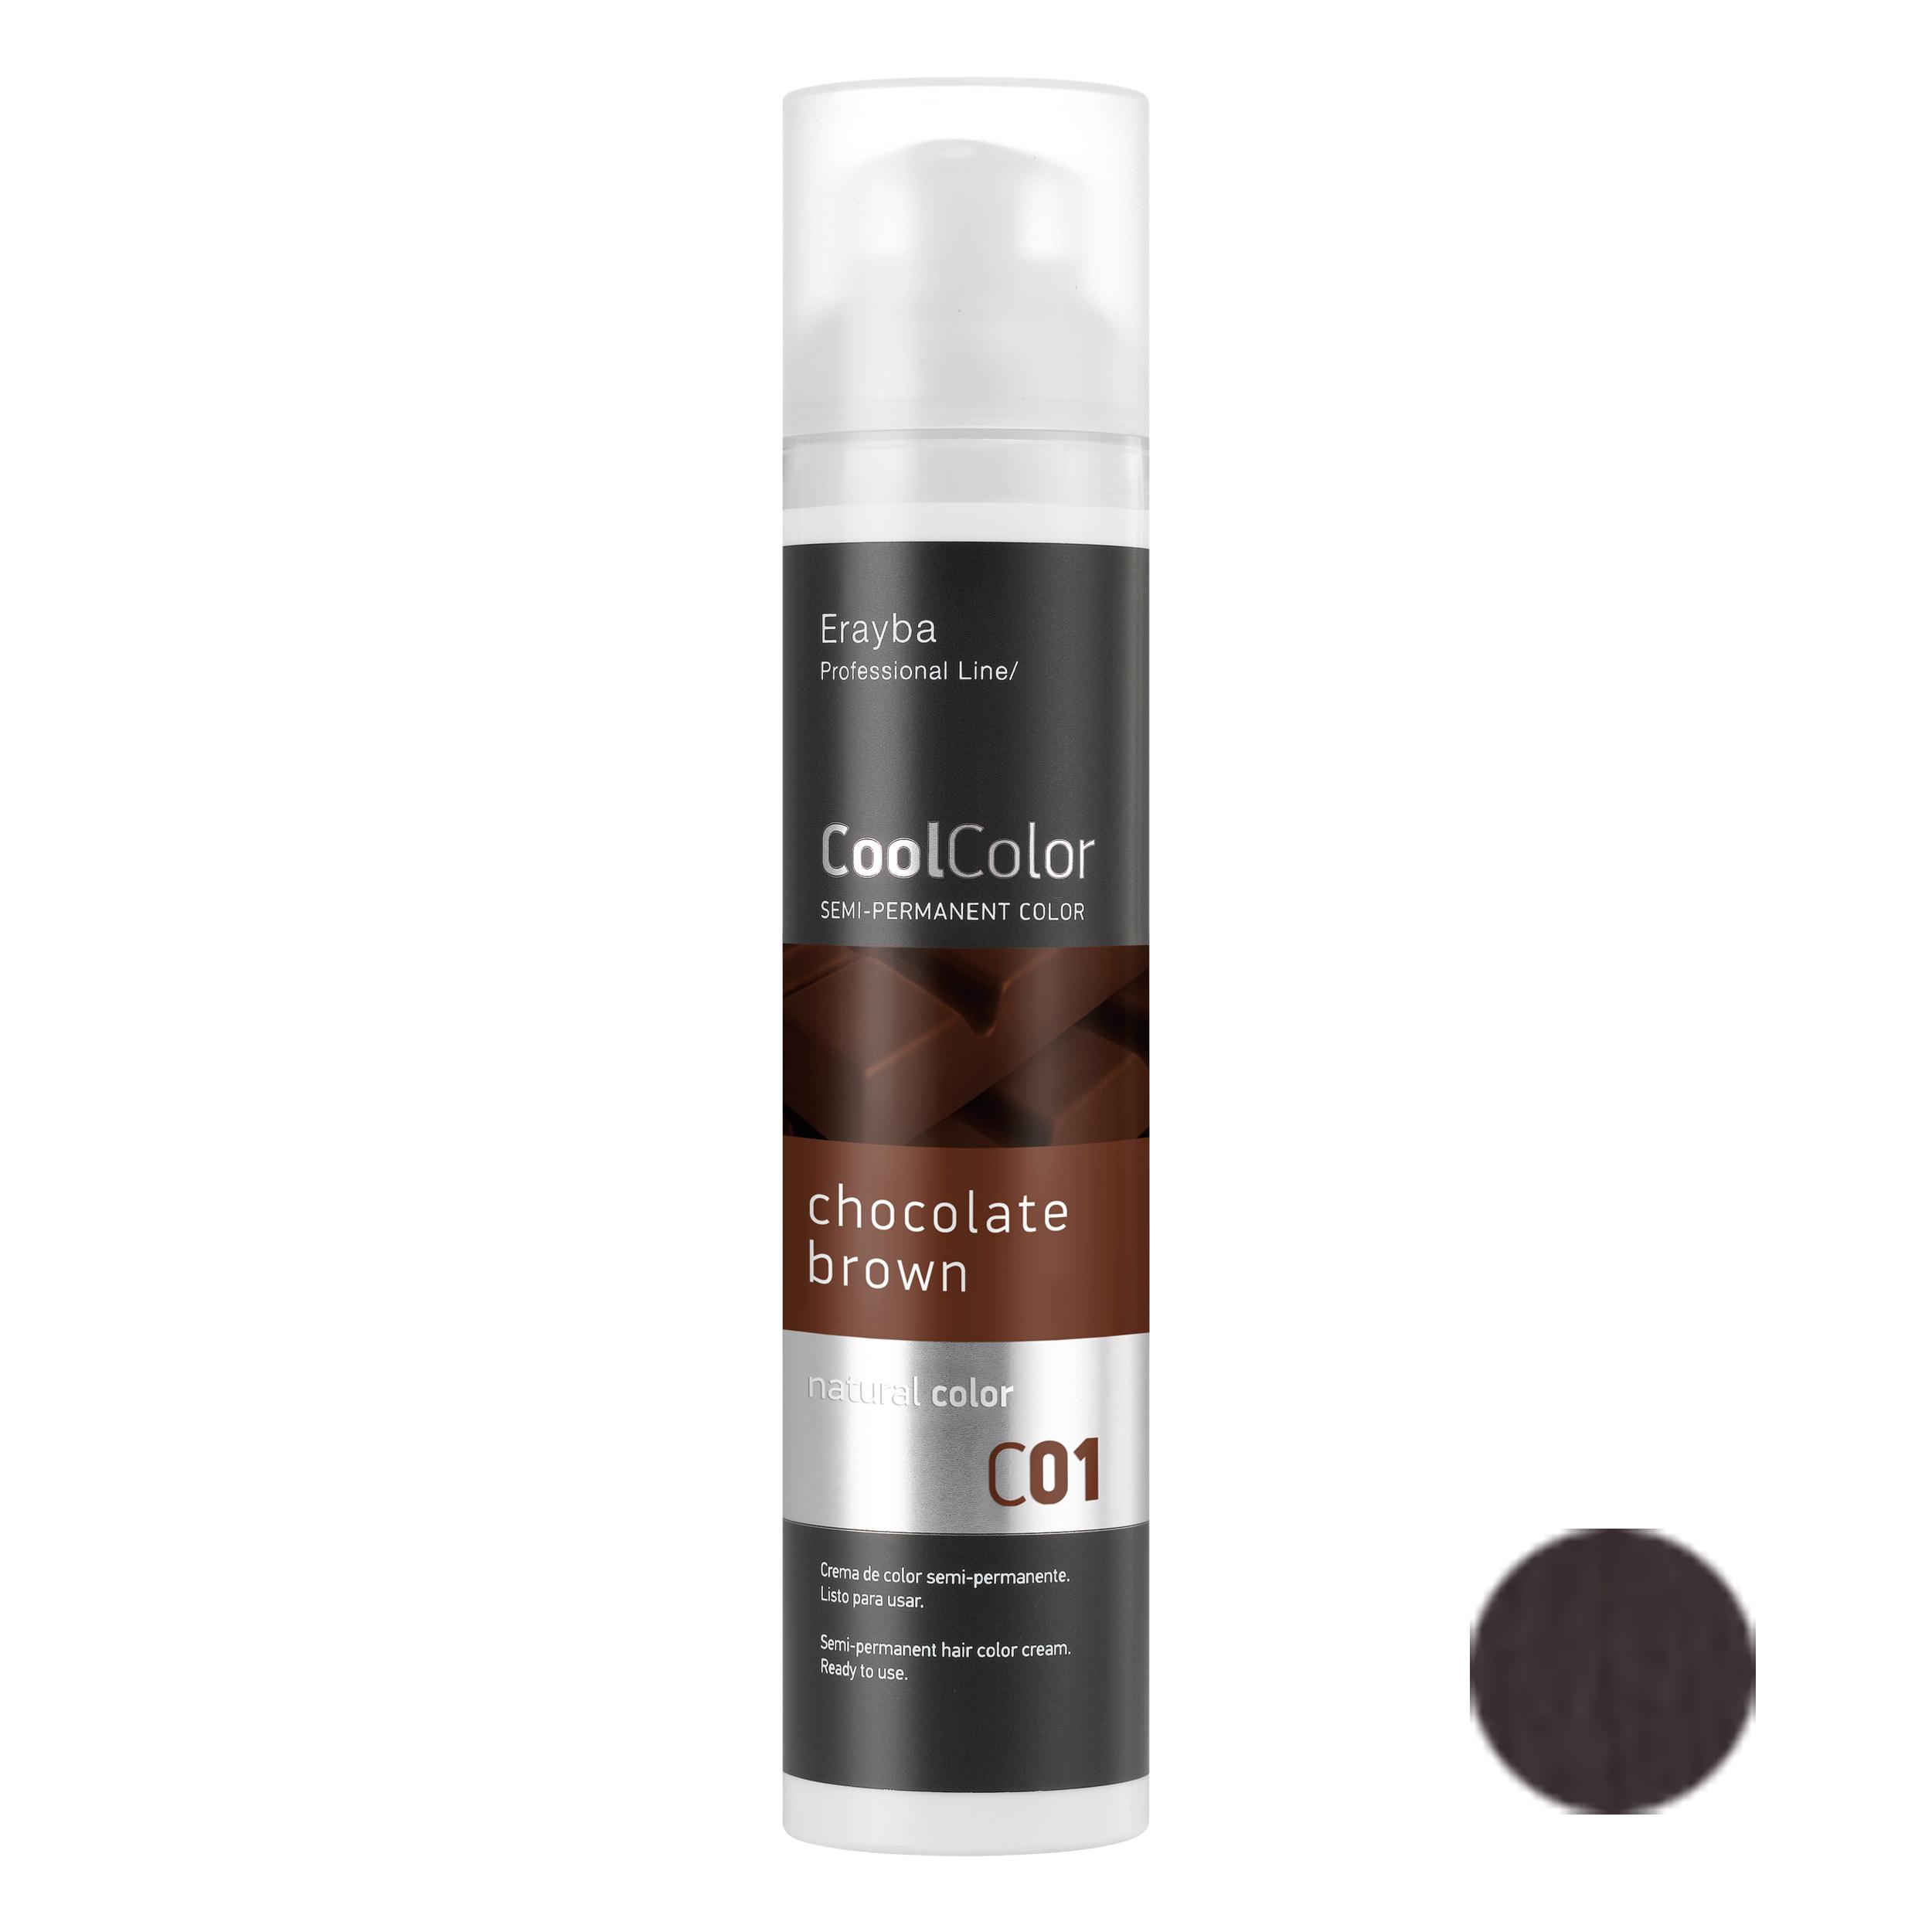 کرم رنگ مو ارایبا شماره c01 حجم 100 میلی لیتر رنگ قهوه ای شکلاتی